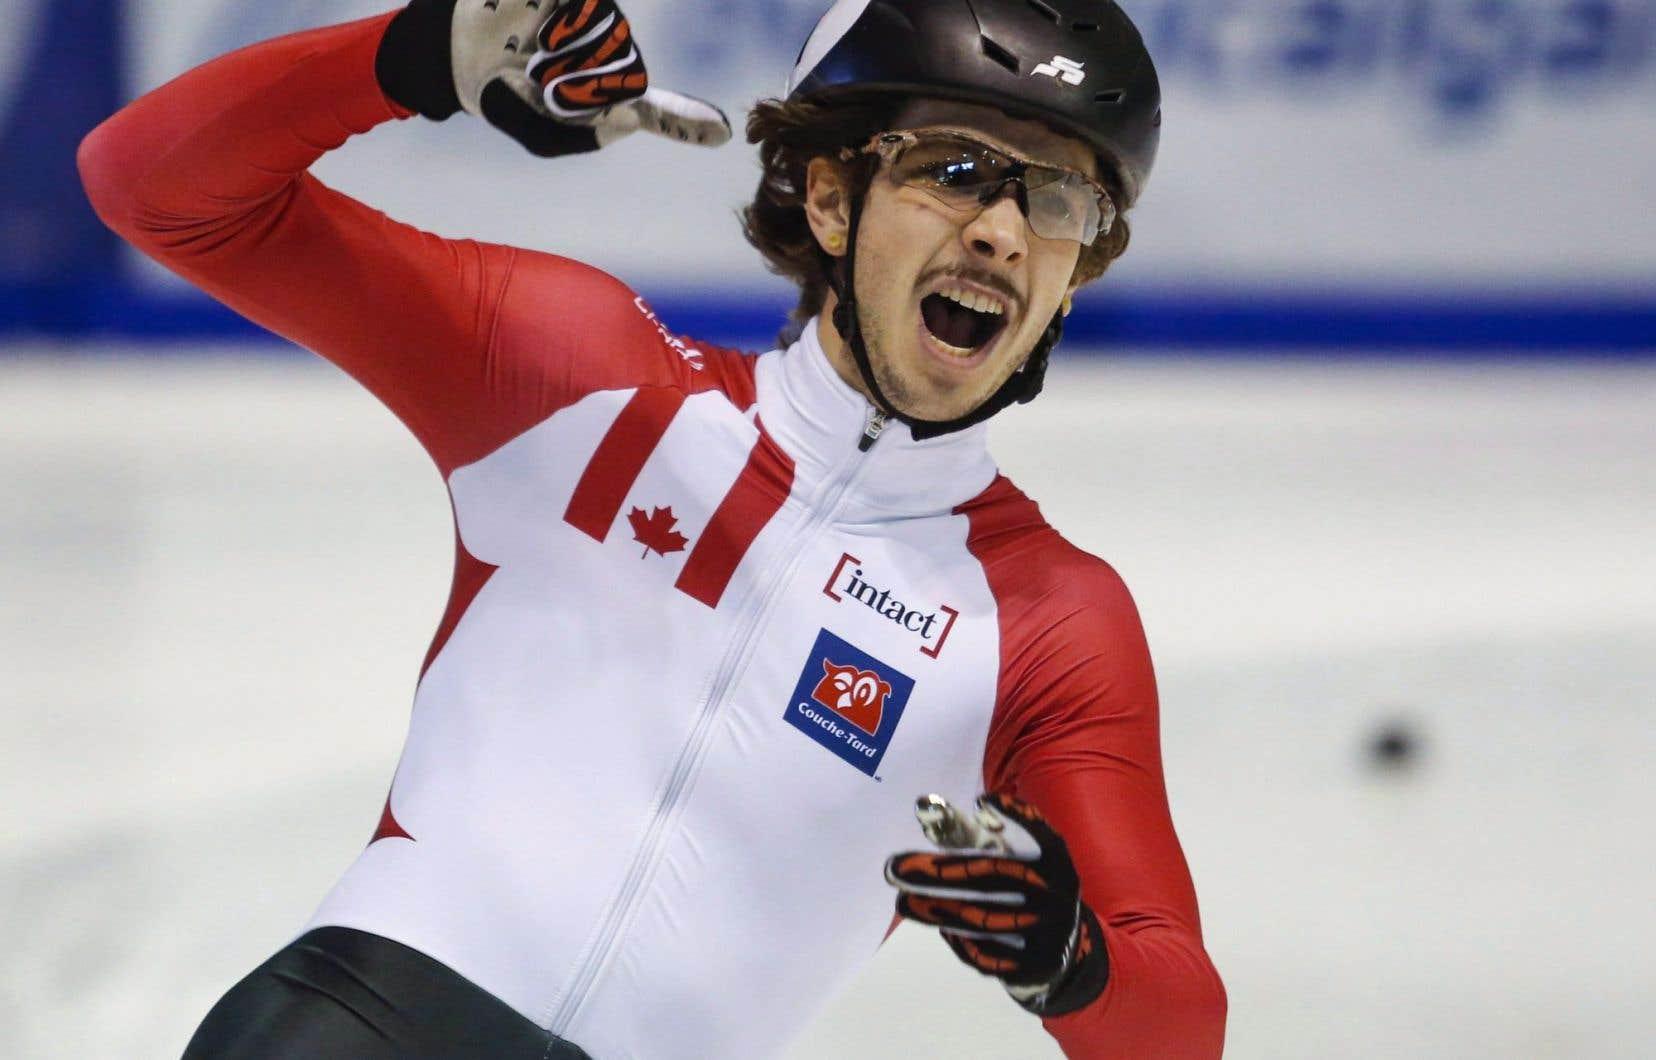 Le patineur Samuel Girardconnaît une progression fulgurante depuis son arrivée au sein du programme senior masculin, en 2014-2015.